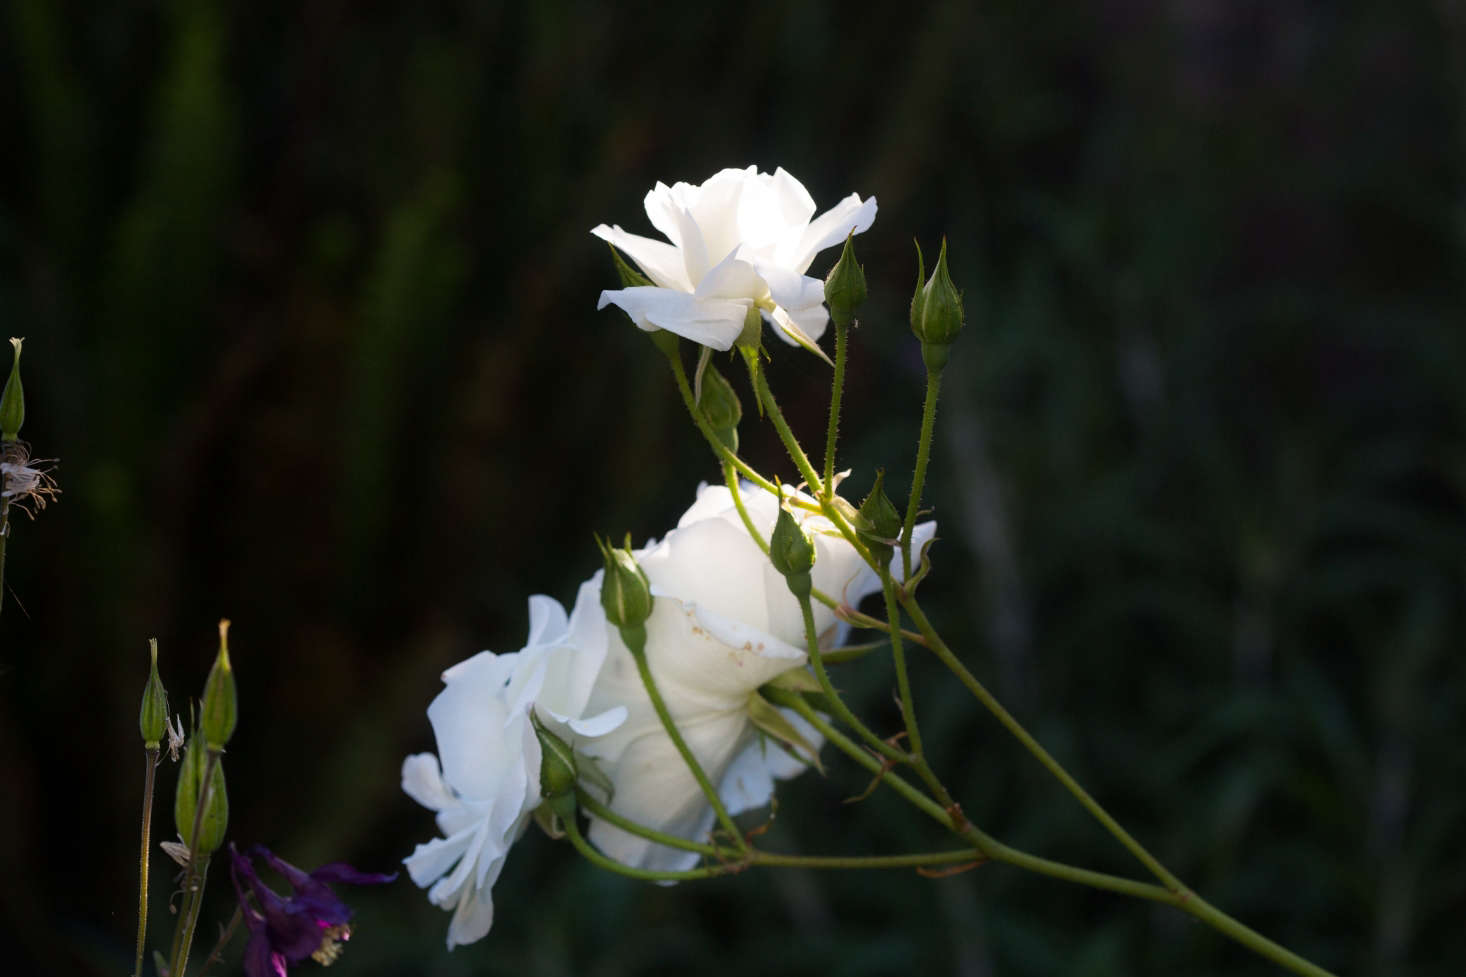 白玫瑰在蓝玫瑰里有很多。